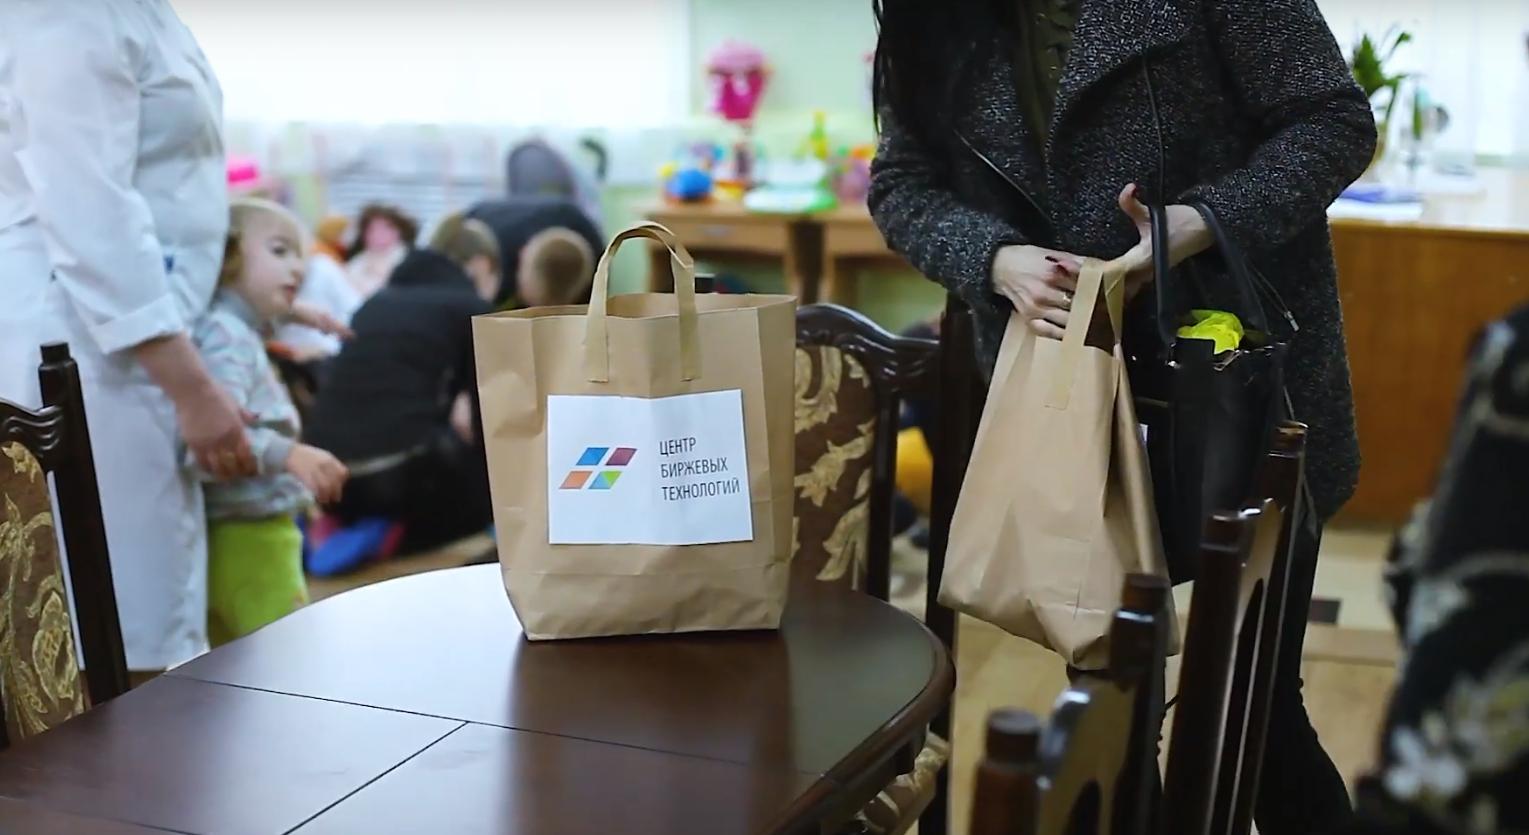 Благодійний проект від ЦБТ – відділення соціально-медичної реабілітації дітей в Києві